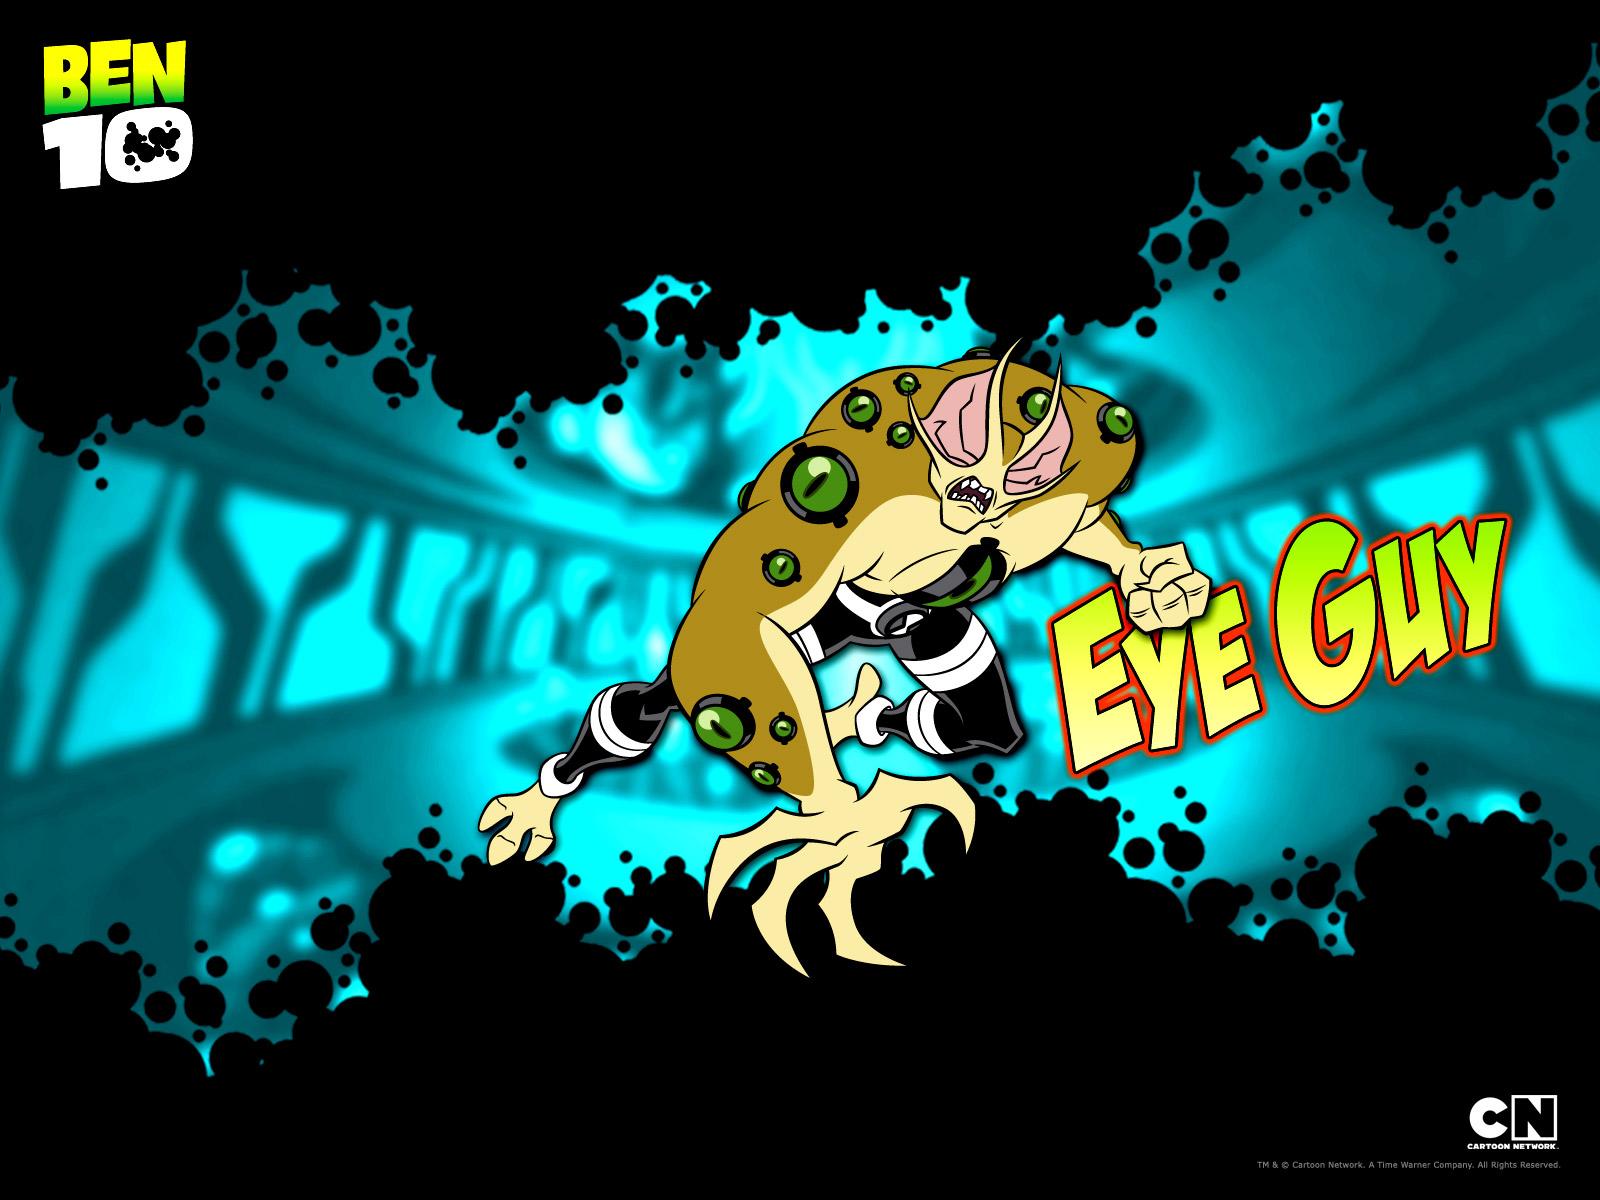 File:Eye Guy CN.png